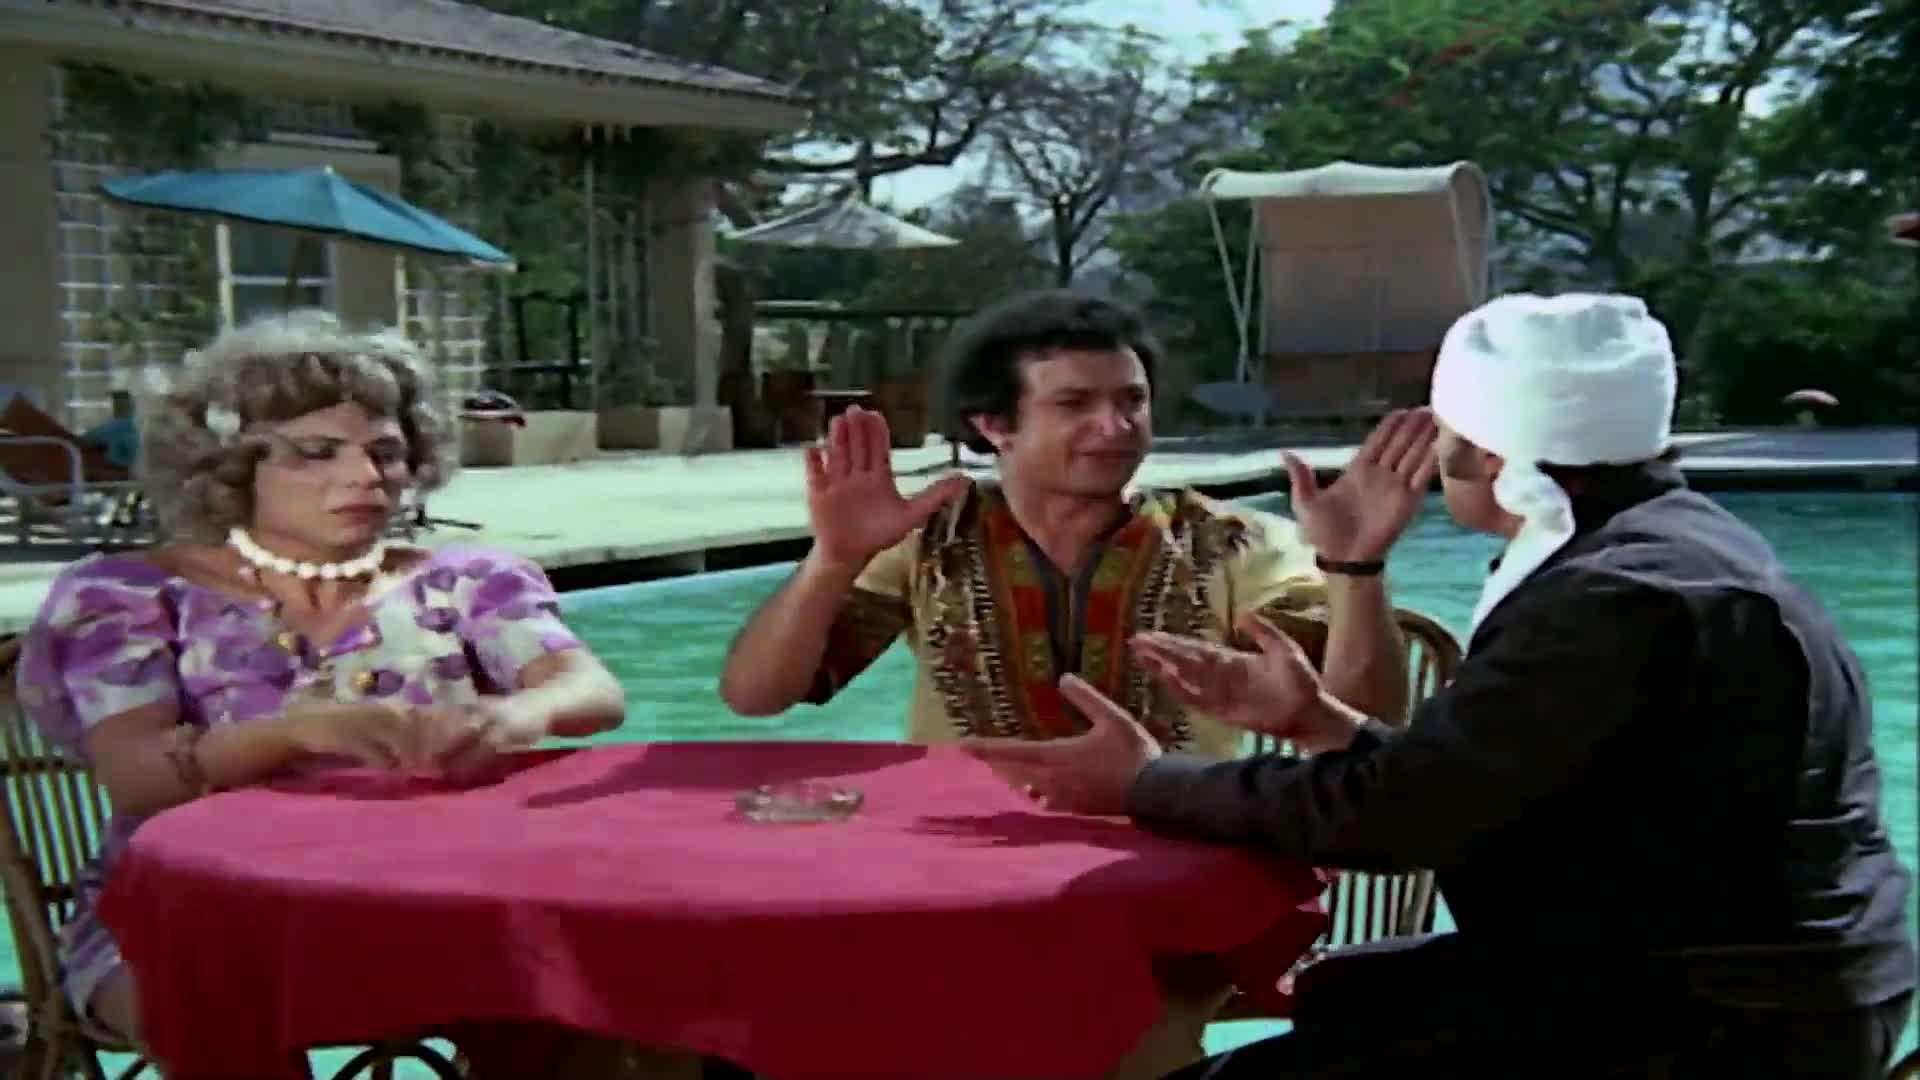 [فيلم][تورنت][تحميل][الكل عاوز يحب][1975][1080p][Web-DL] 7 arabp2p.com